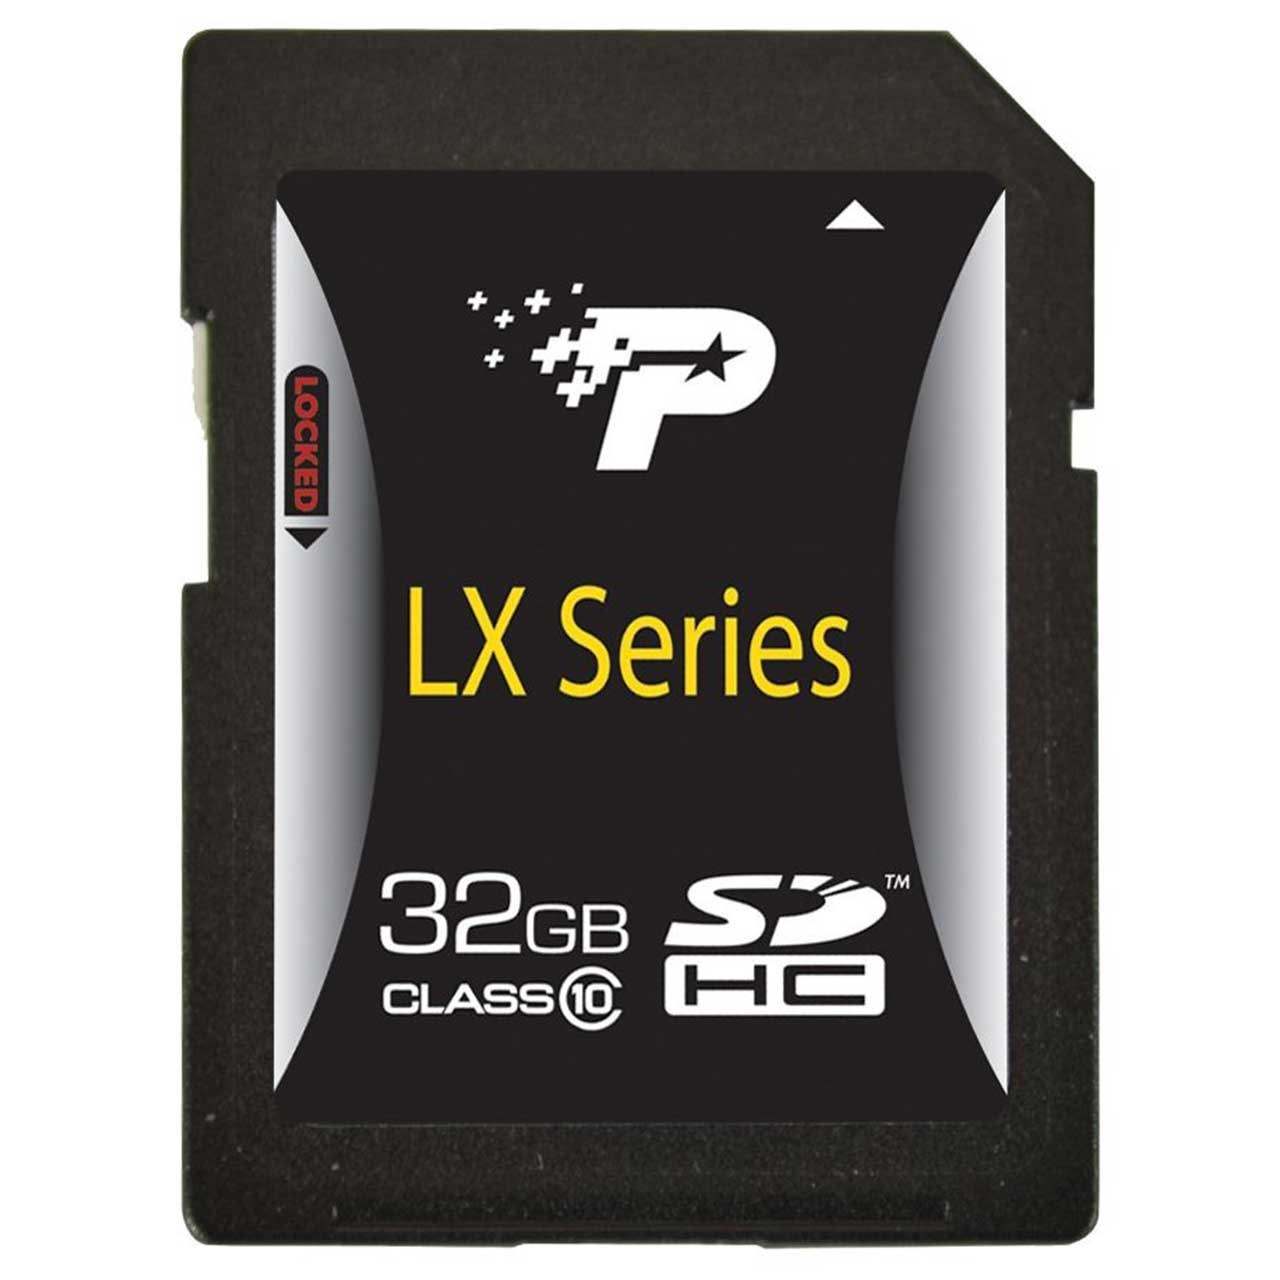 کارت حافظه SDHC پتریوت مدلLX Series  کلاس 10  ظرفیت 32 گیگابایت